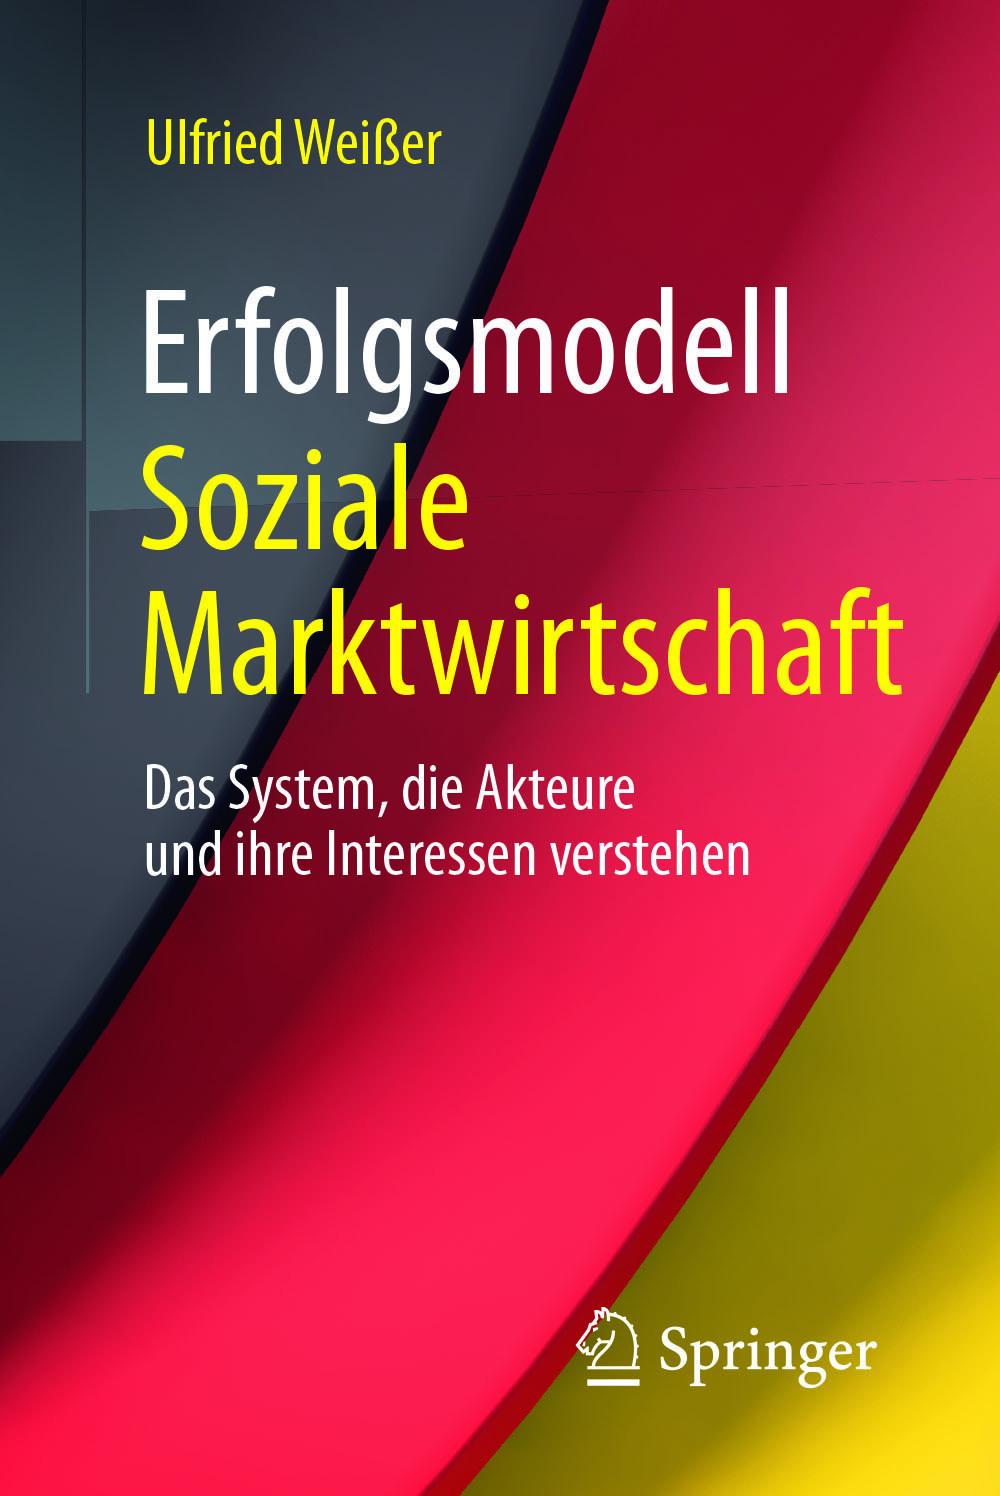 Weißer, Ulfried - Erfolgsmodell Soziale Marktwirtschaft, ebook